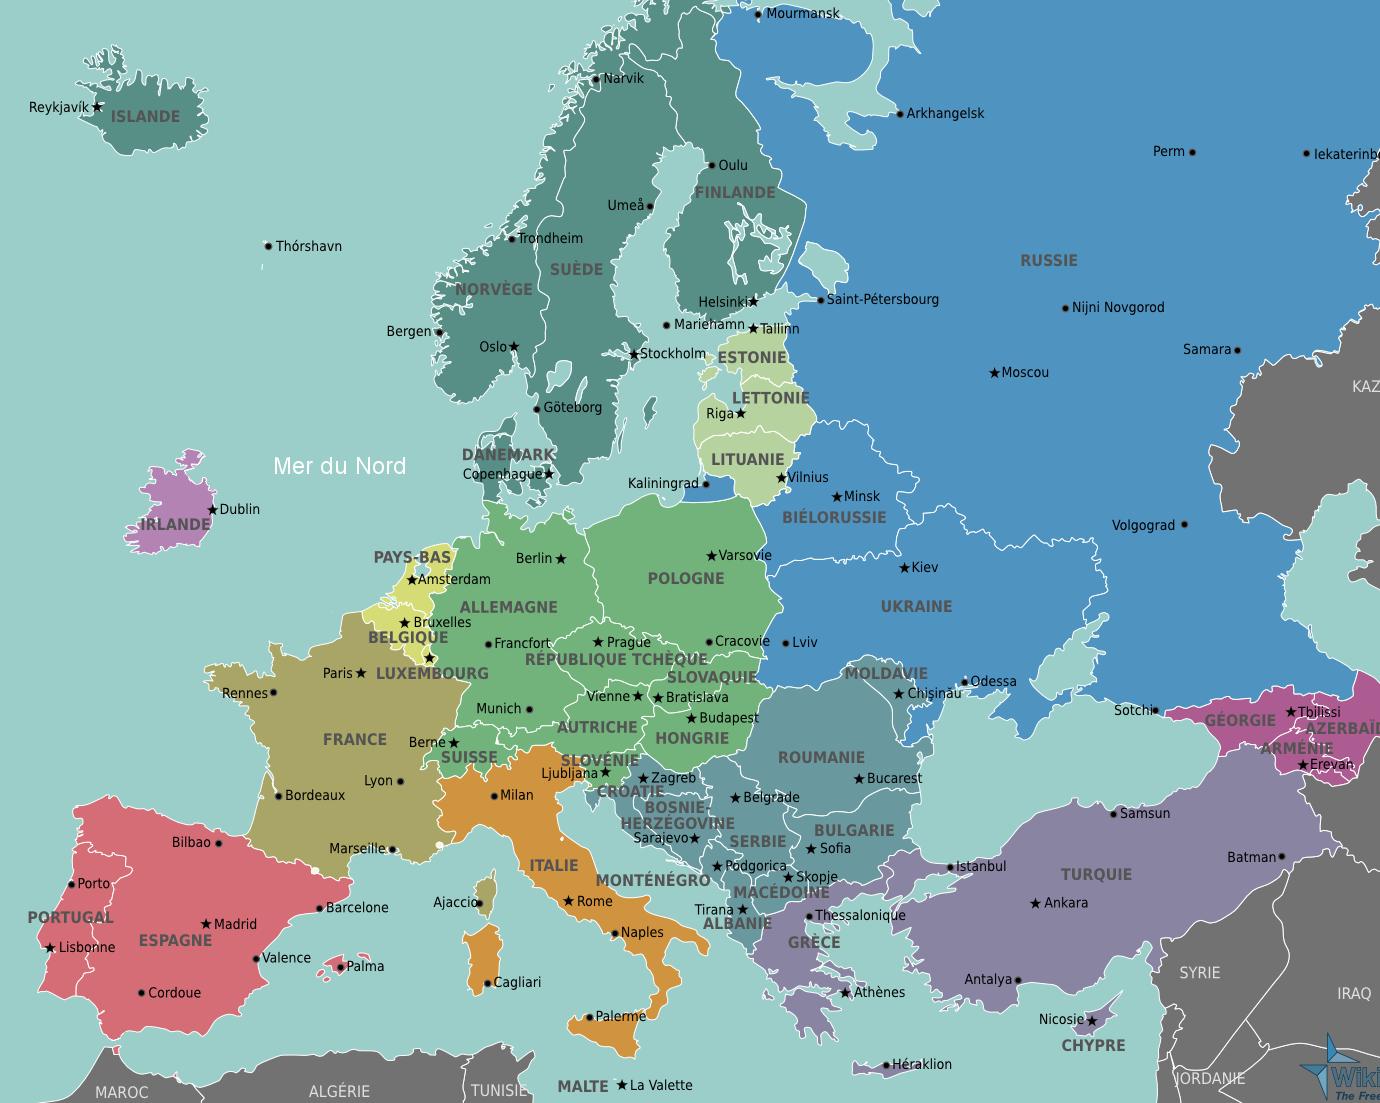 Carte De L'union Européenne : Mapcirclejerk intérieur Carte Union Europeene